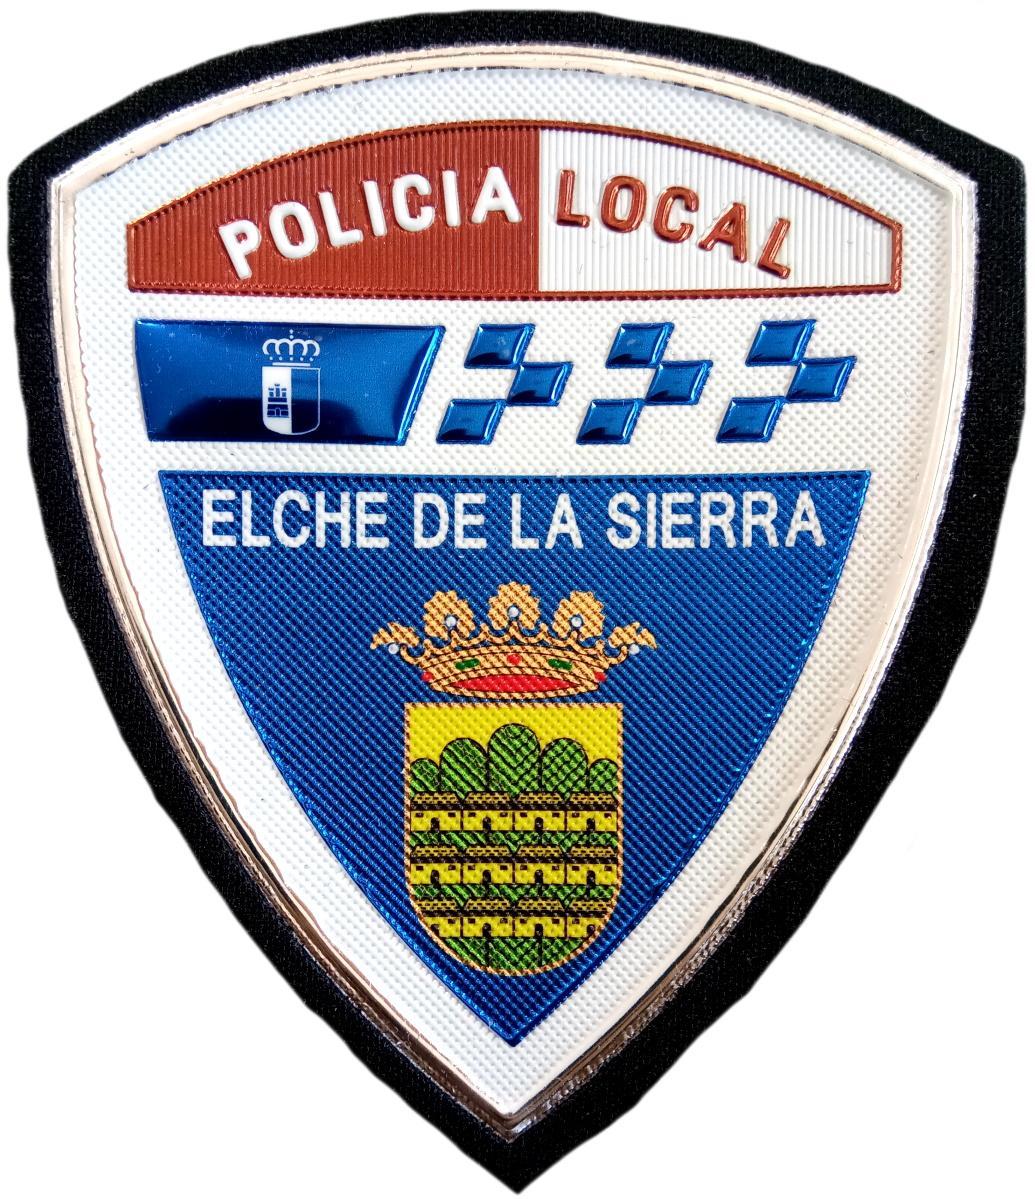 POLICÍA LOCAL ELCHE DE LA SIERRA PARCHE INSIGNIA EMBLEMA DISTINTIVO